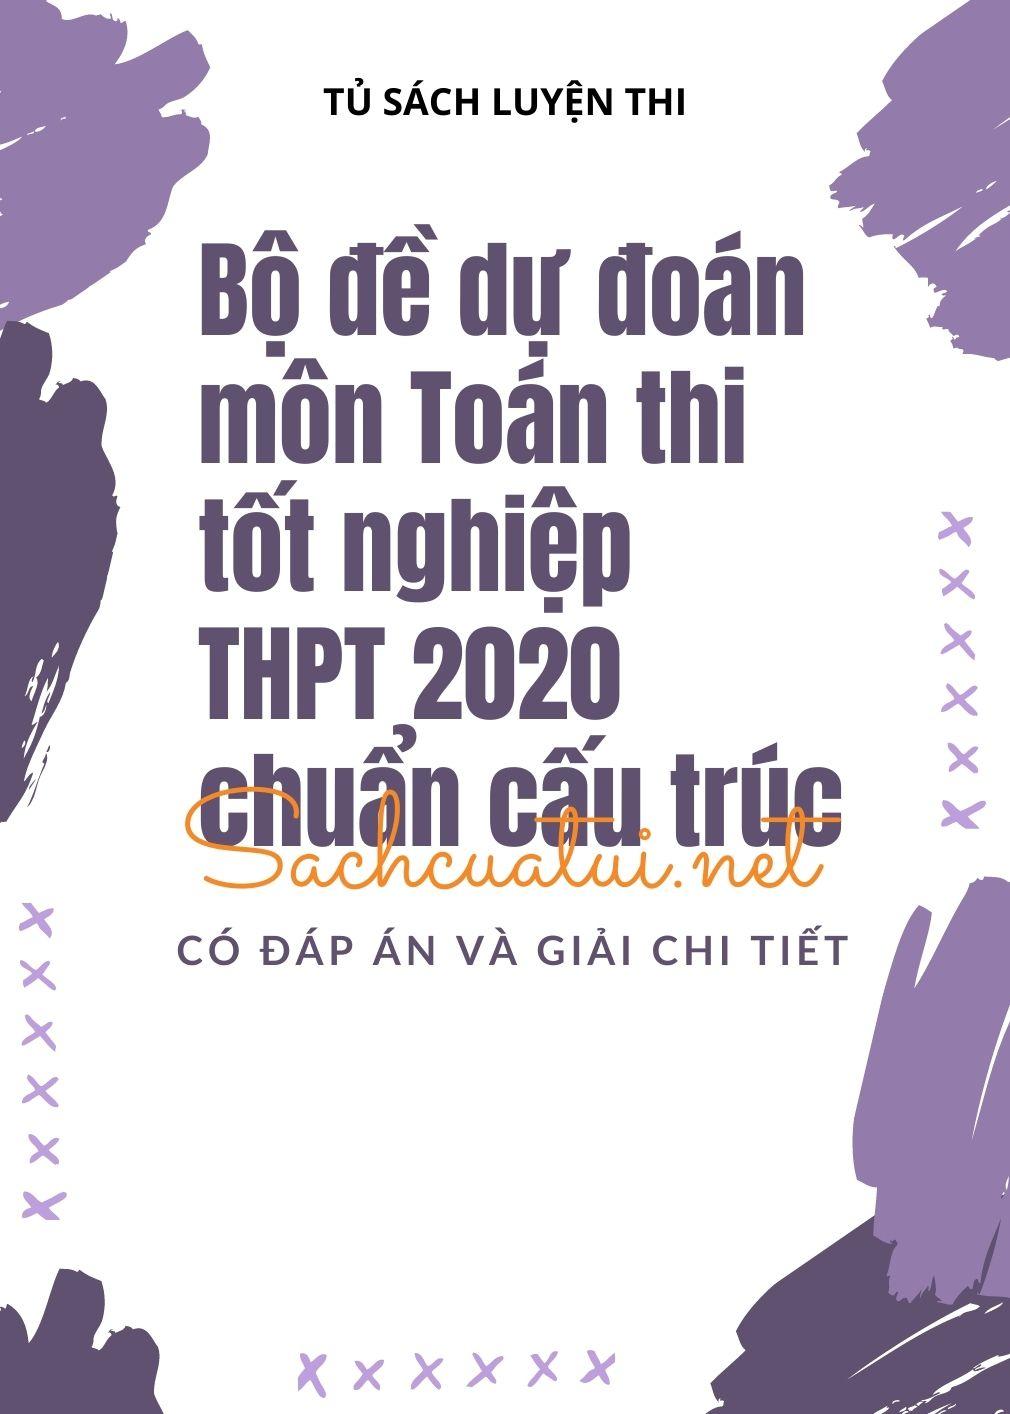 Tải sách: Bộ đề dự đoán môn Toán thi tốt nghiệp THPT 2020 chuẩn cấu trúc